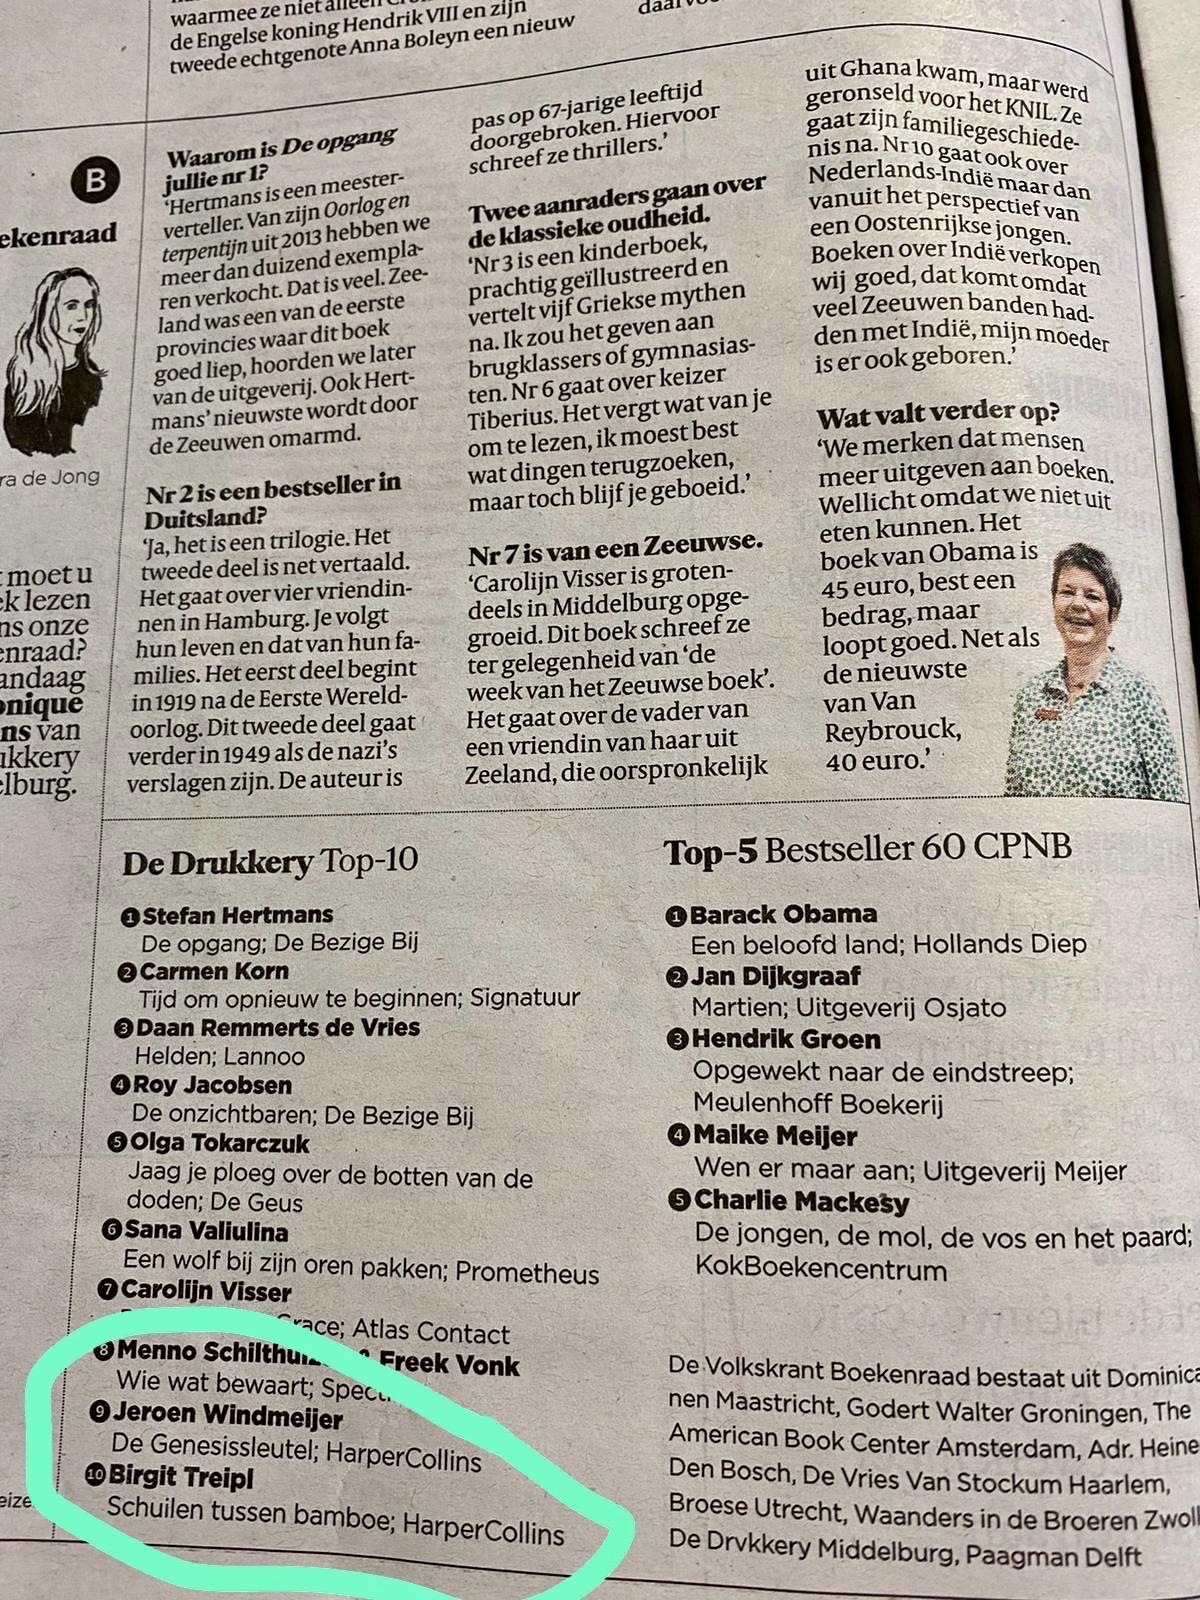 Schuilen tussen bamboe in bestseller Top 10 De Volkskrant